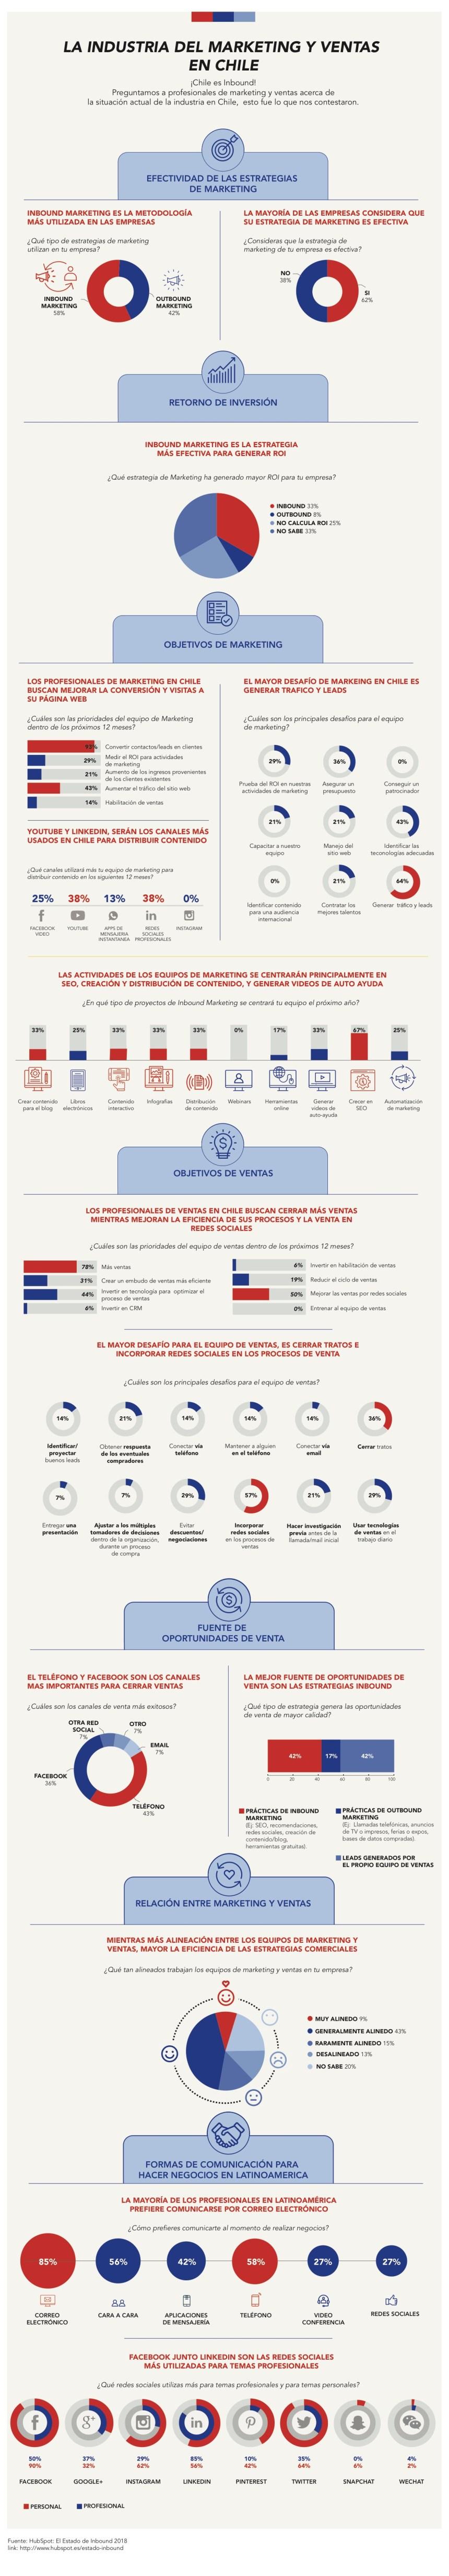 La industria del marketing y ventas en Chile